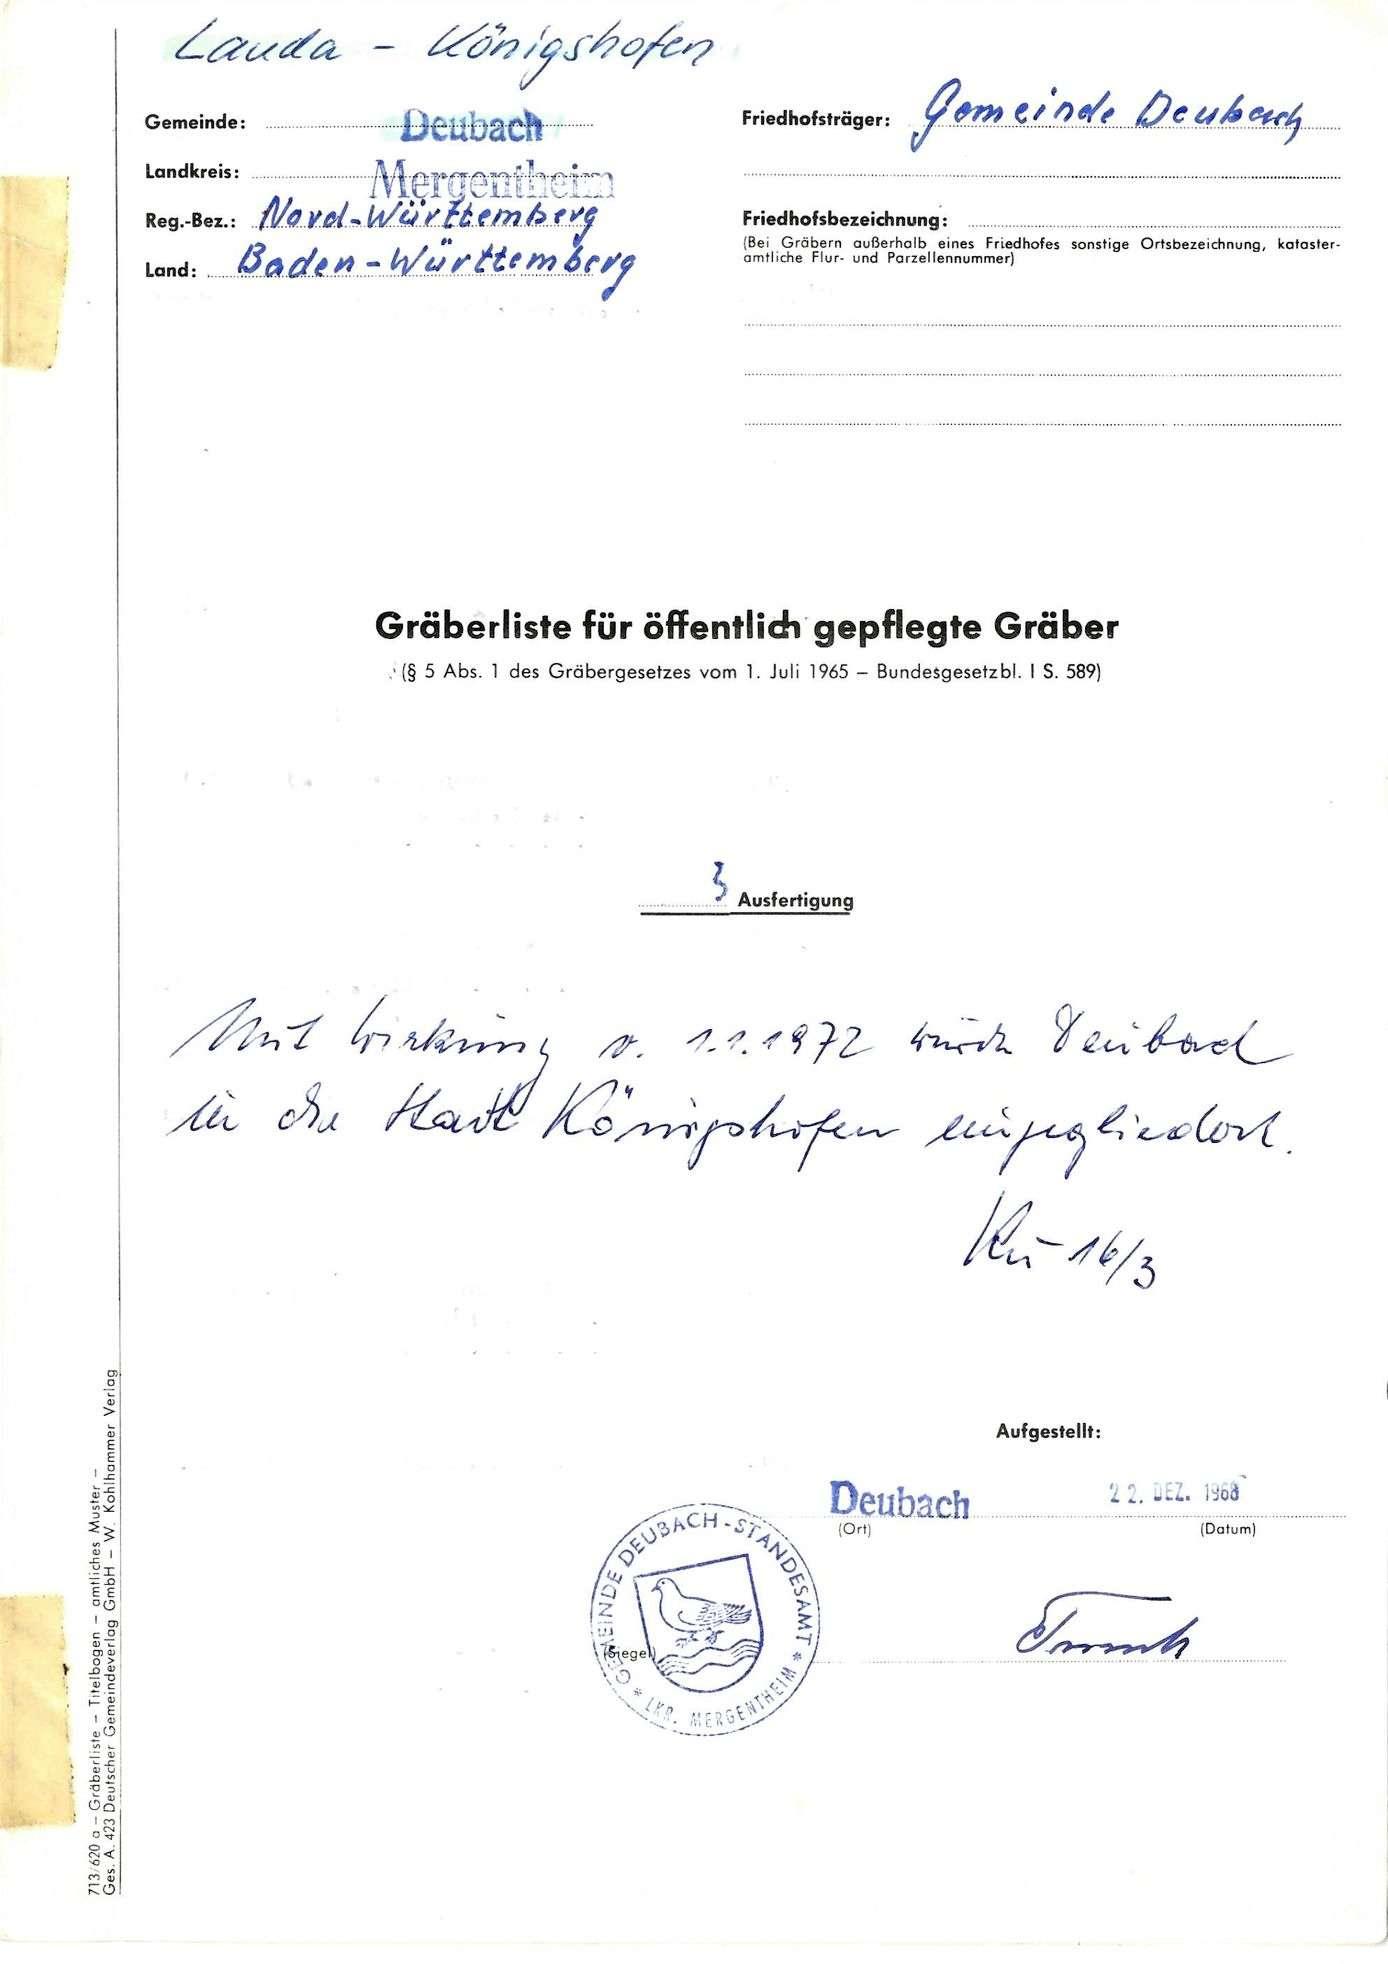 Deubach, Bild 1